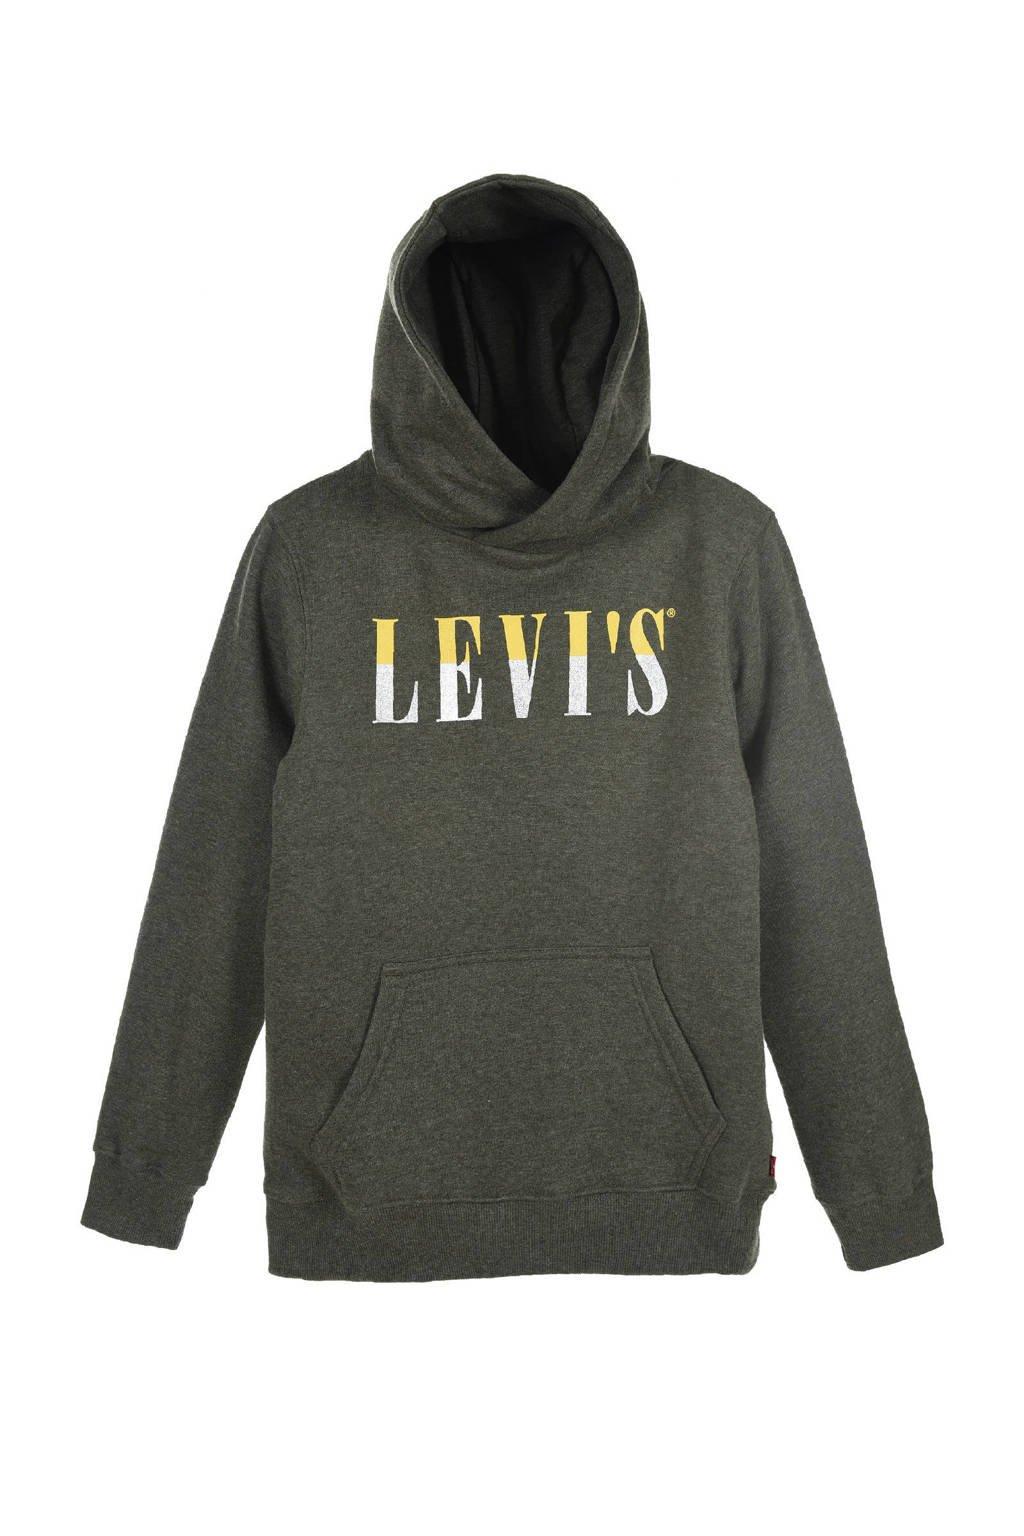 Levi's Kids hoodie met logo olijfgroen melange, Olijfgroen melange